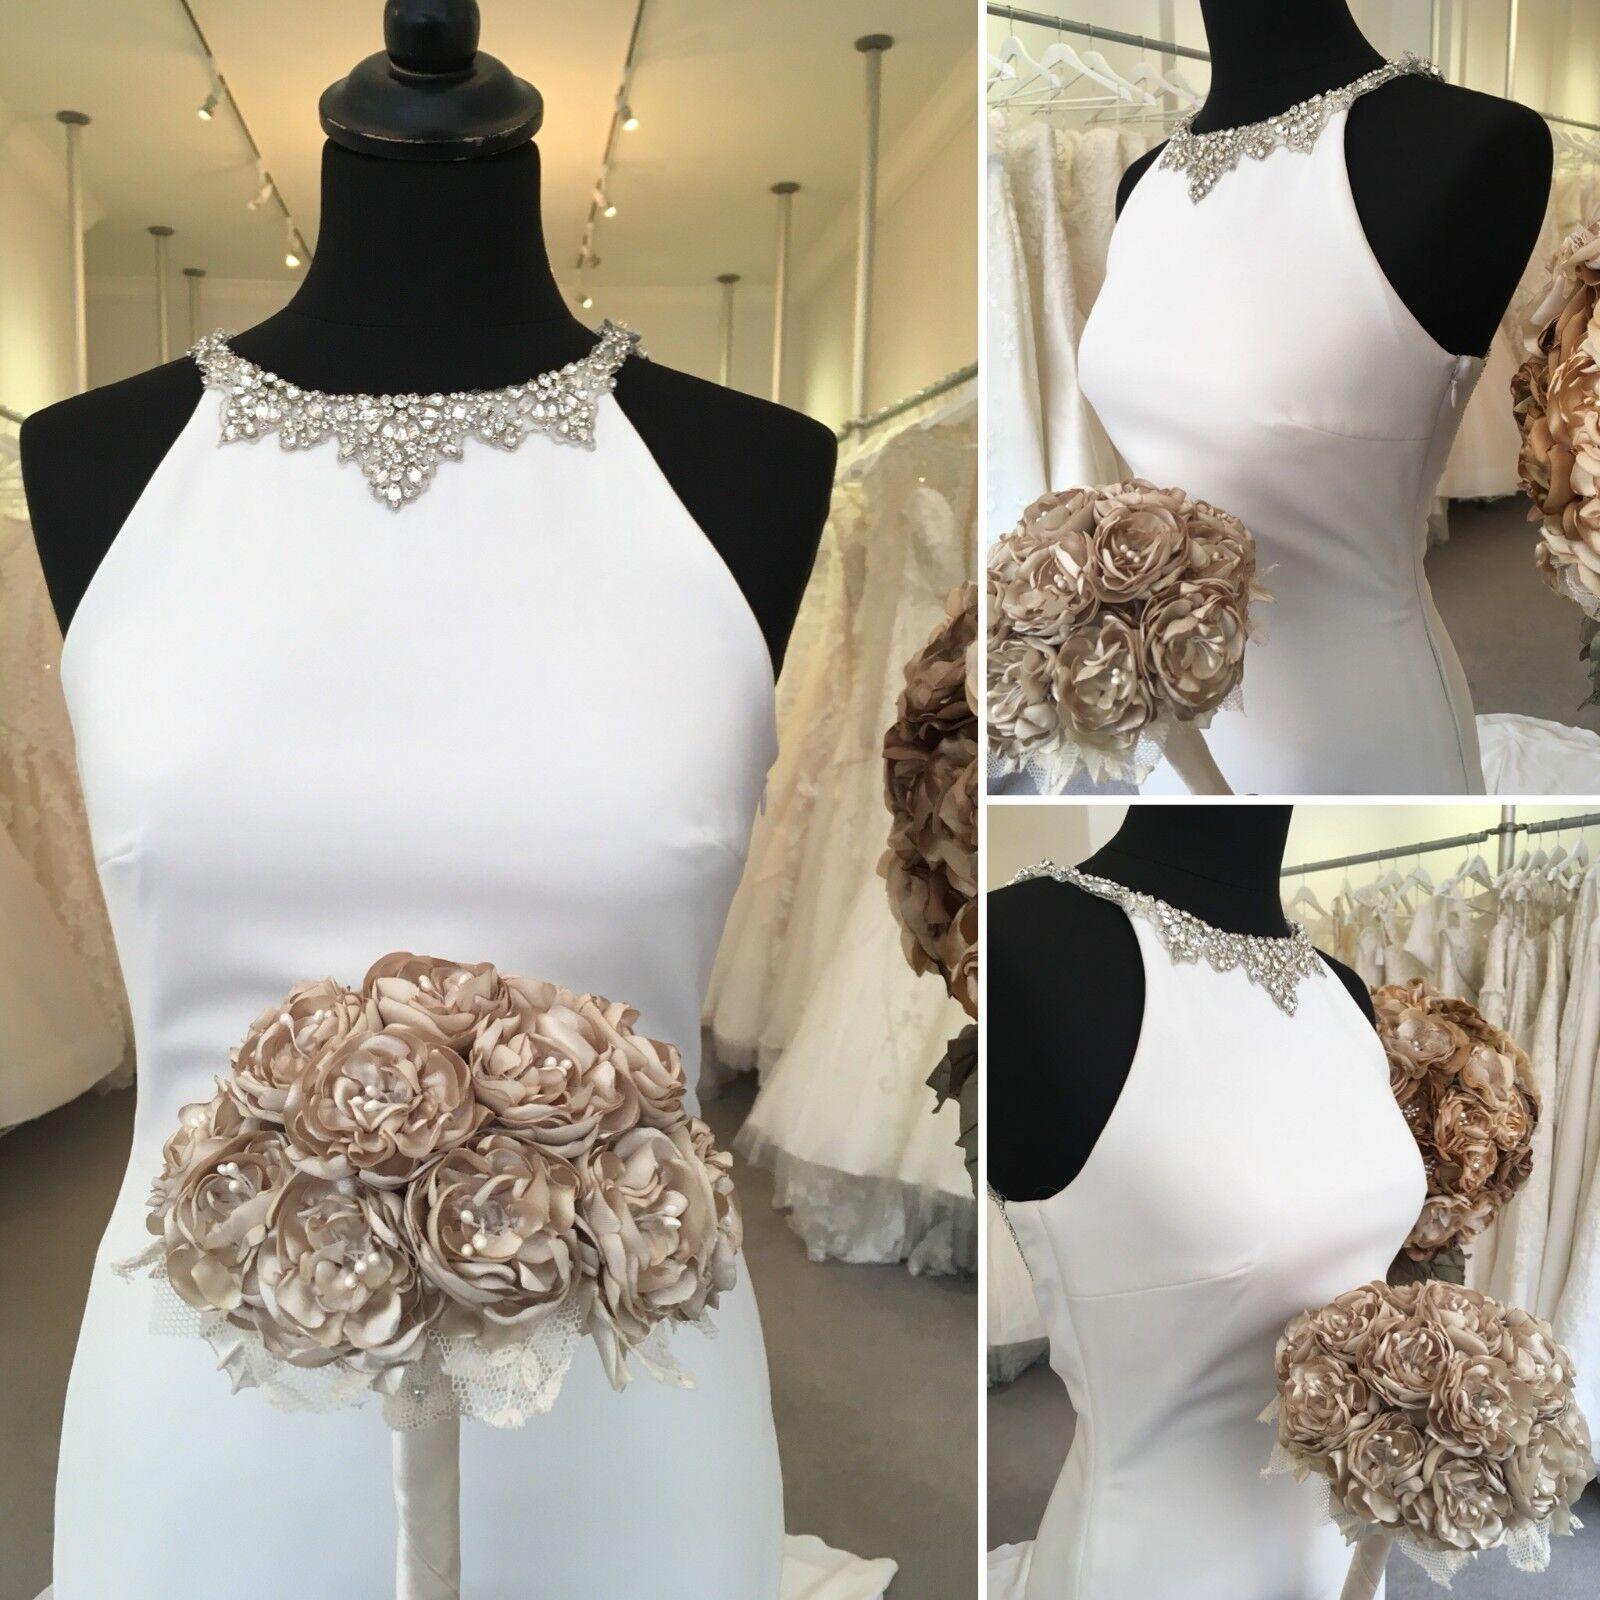 Robe de Mariage Bouquet Posy champagne fleurs style vintage unique faite main